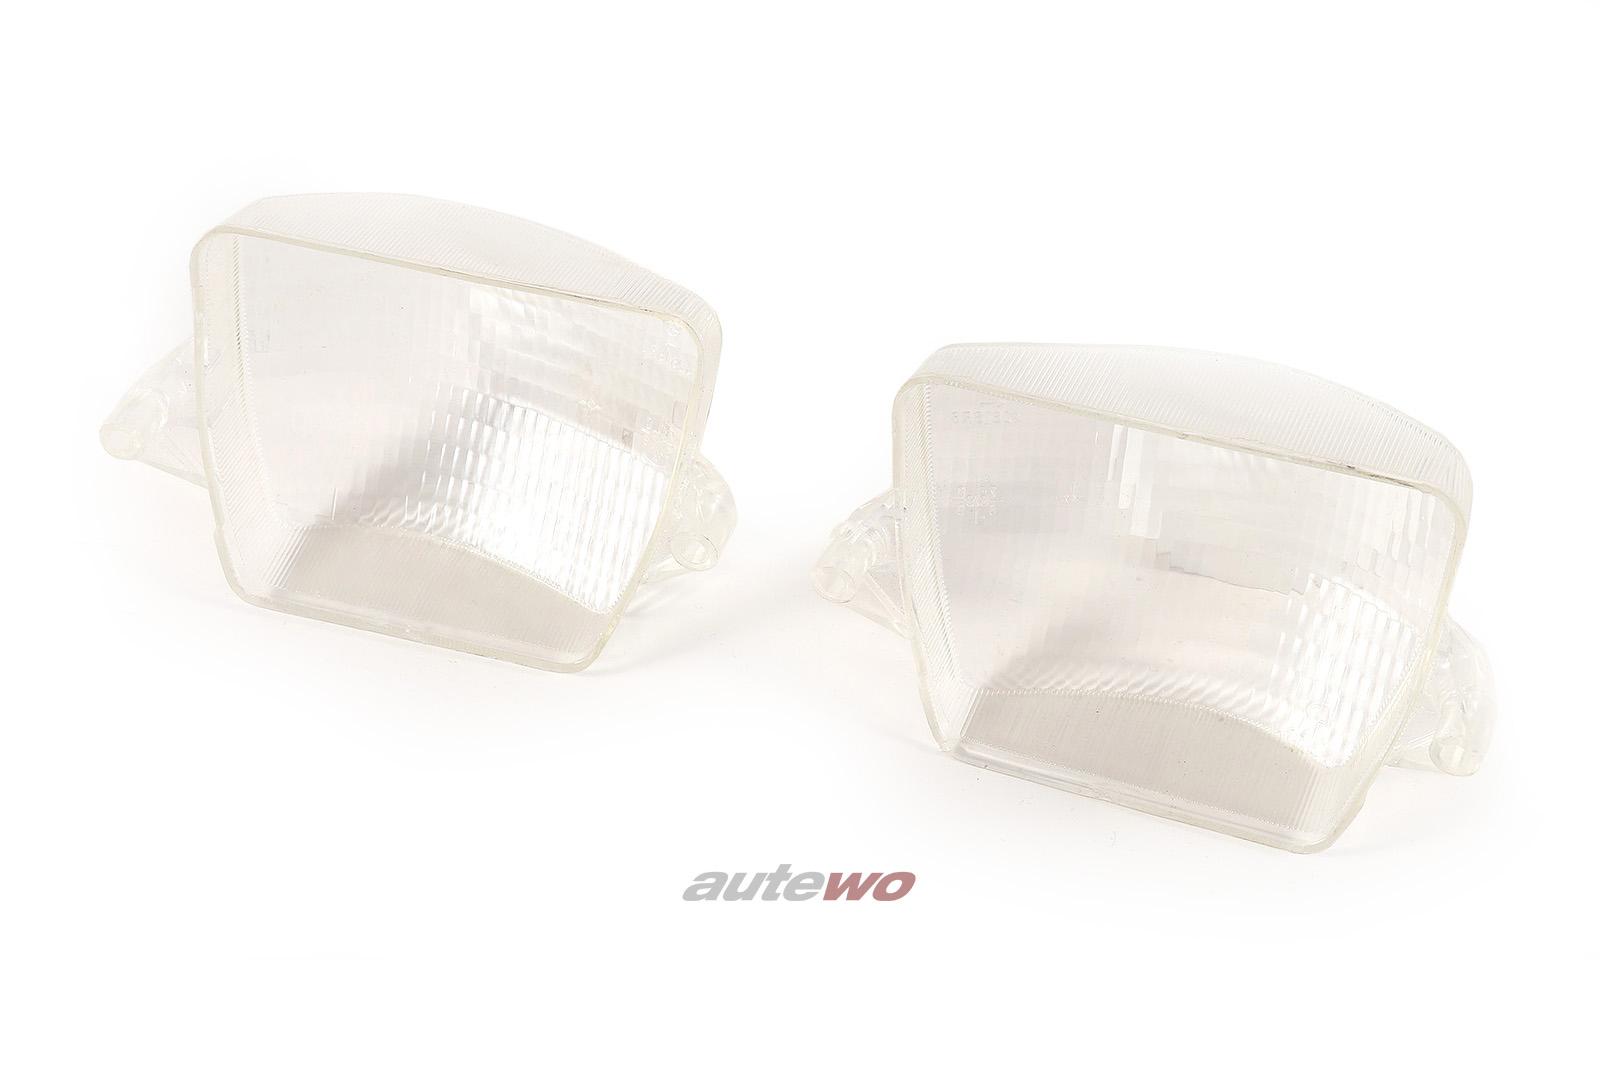 Blinker Paar Vorne weiß Ersatz für 855953157/855953158 Audi 80/Coupe Typ 81/85